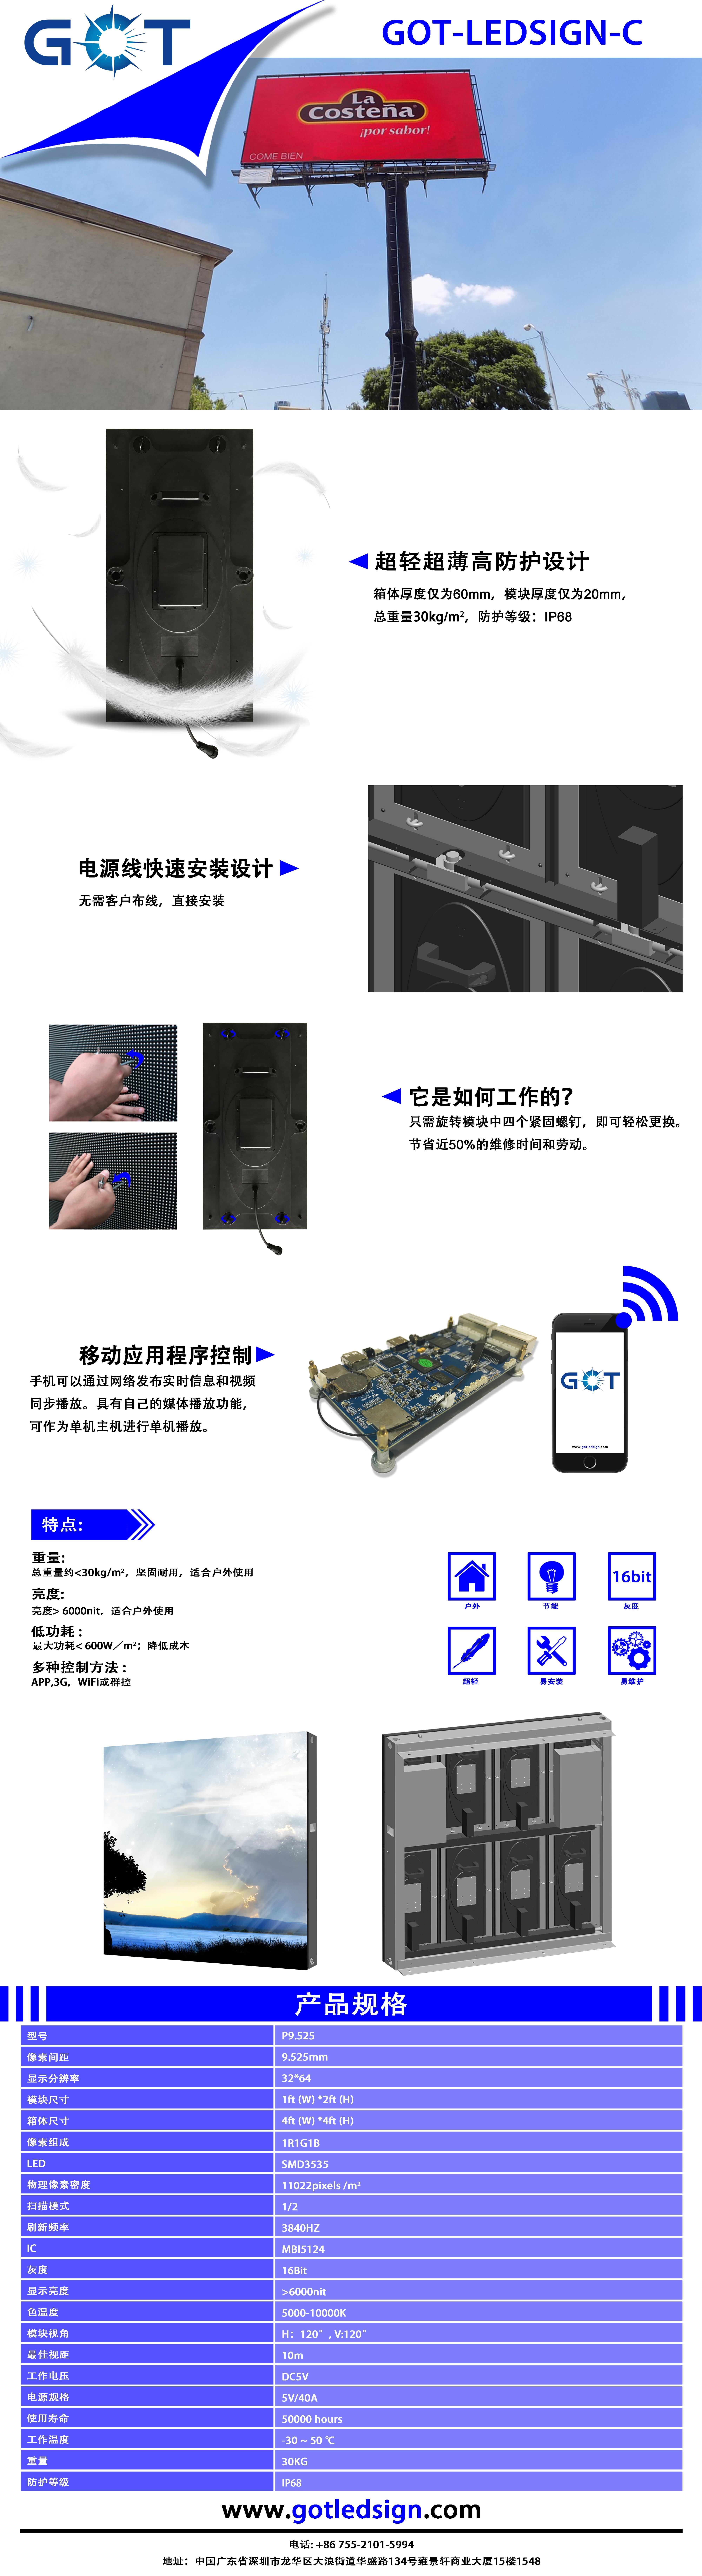 GOT-LEDSIGN-C(中).jpg